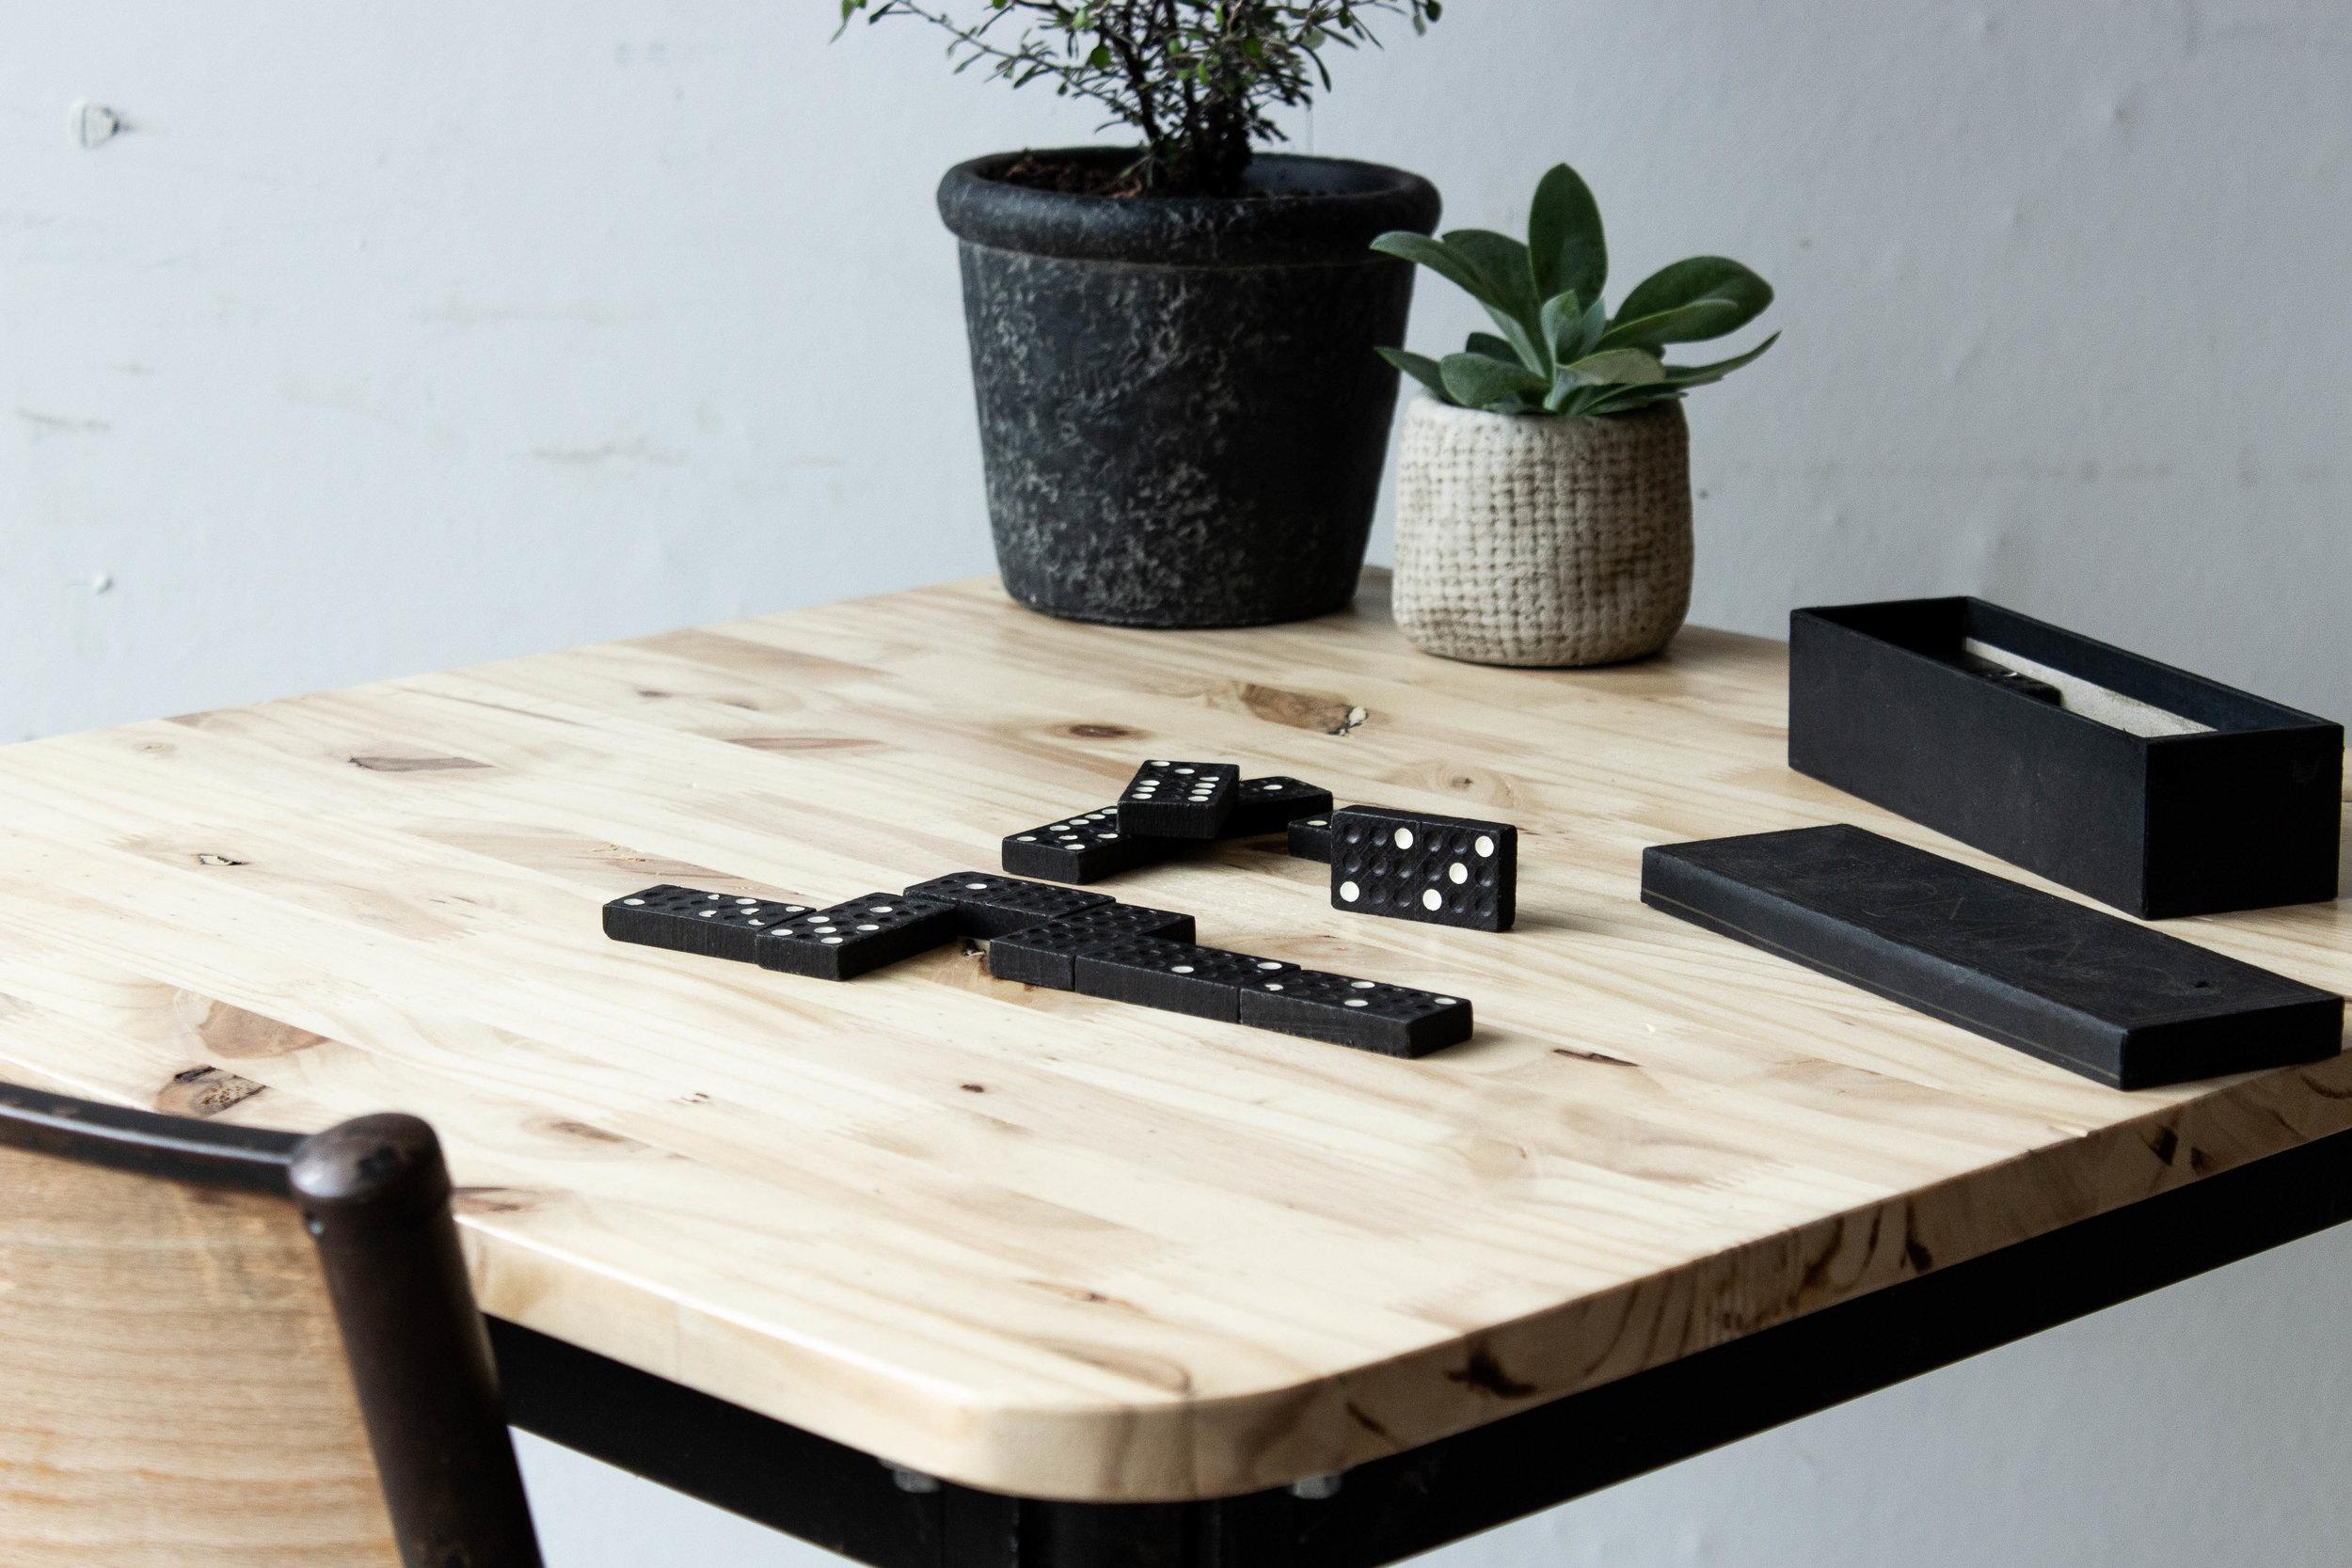 3189 - Eenpersoons schooltafel met zwarte puntpootjes-2.jpg